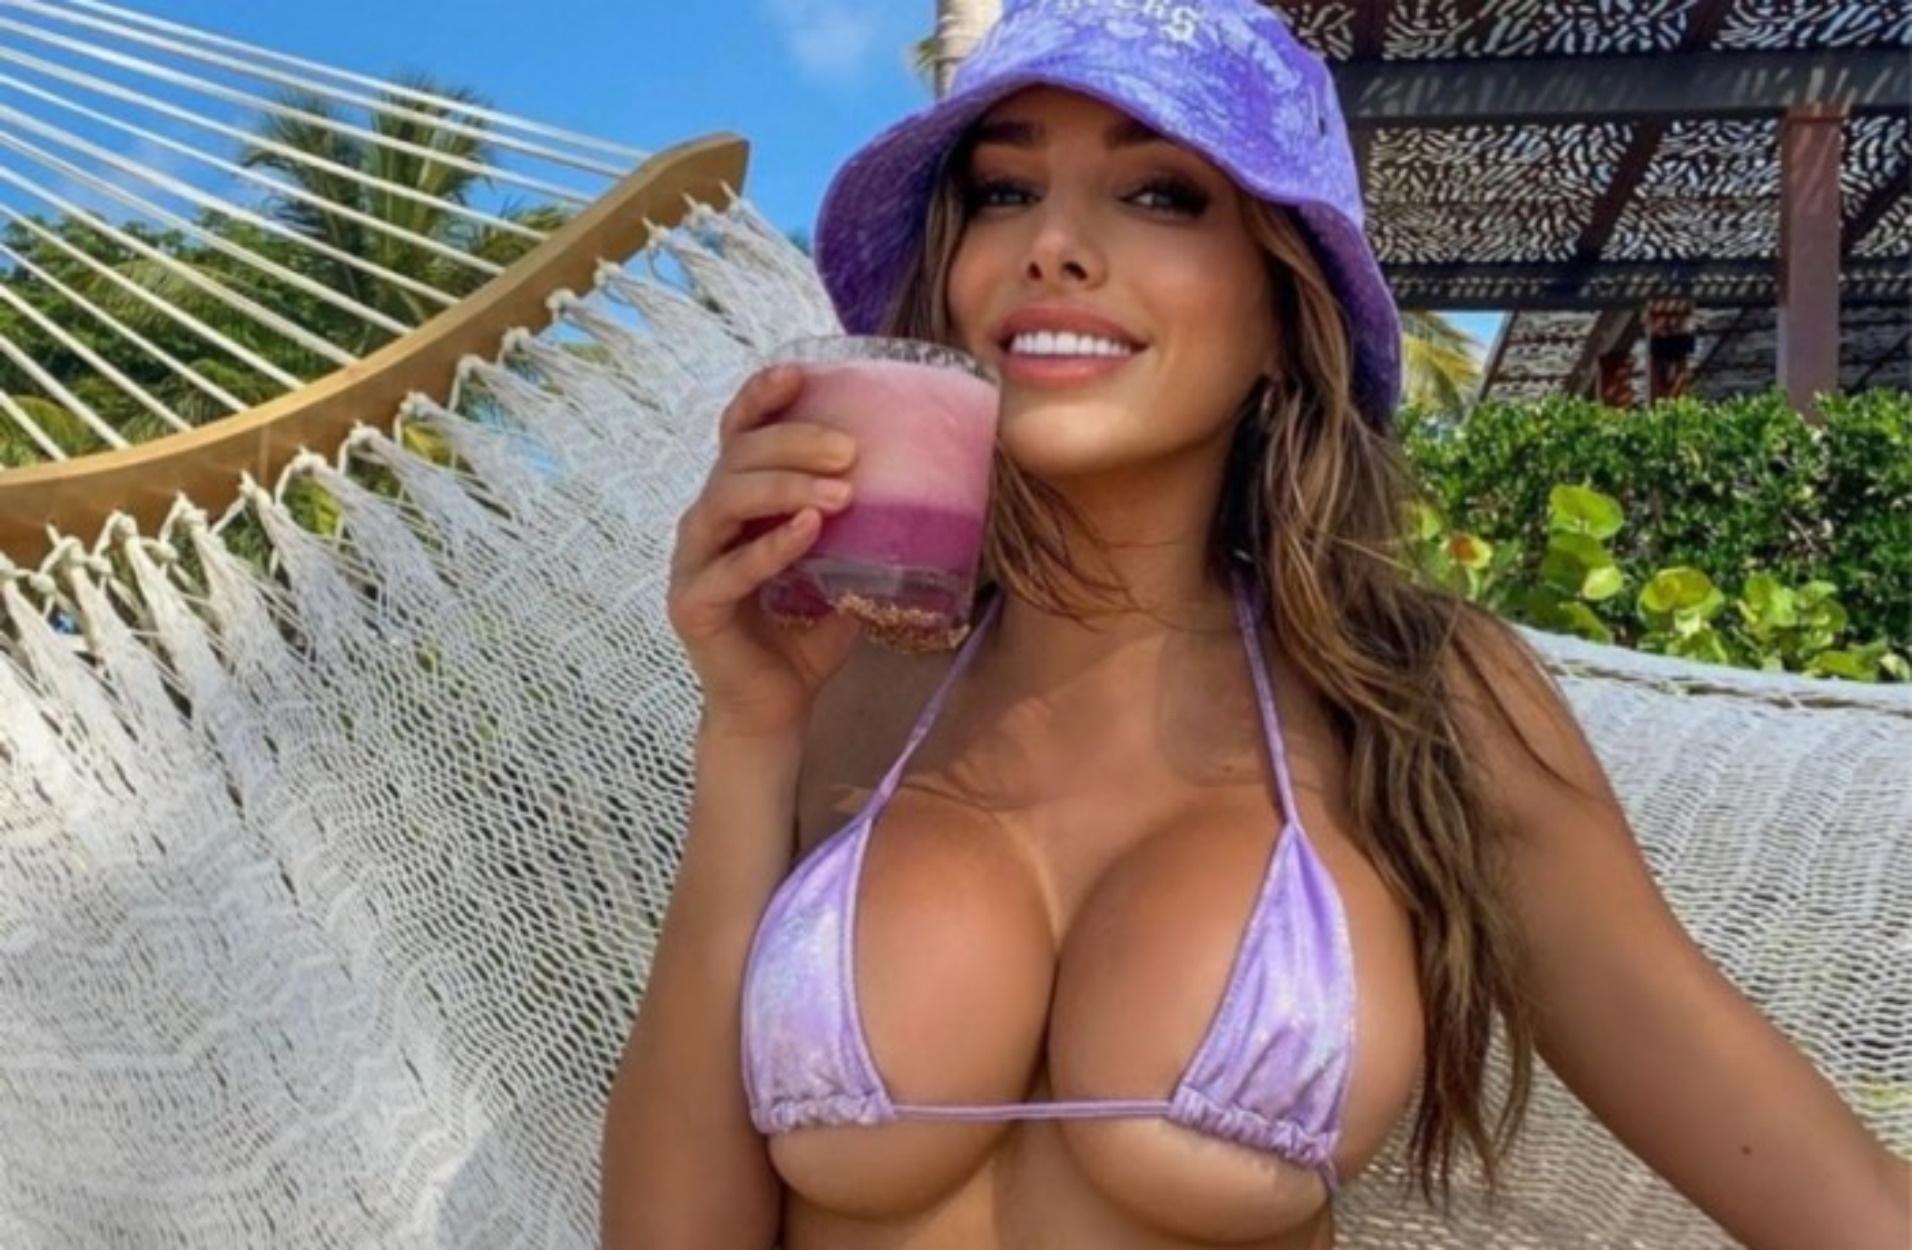 Η Lyna Perez είναι ότι πιο σέξι έχουμε δει τον τελευταίο καιρό στο Instagram!